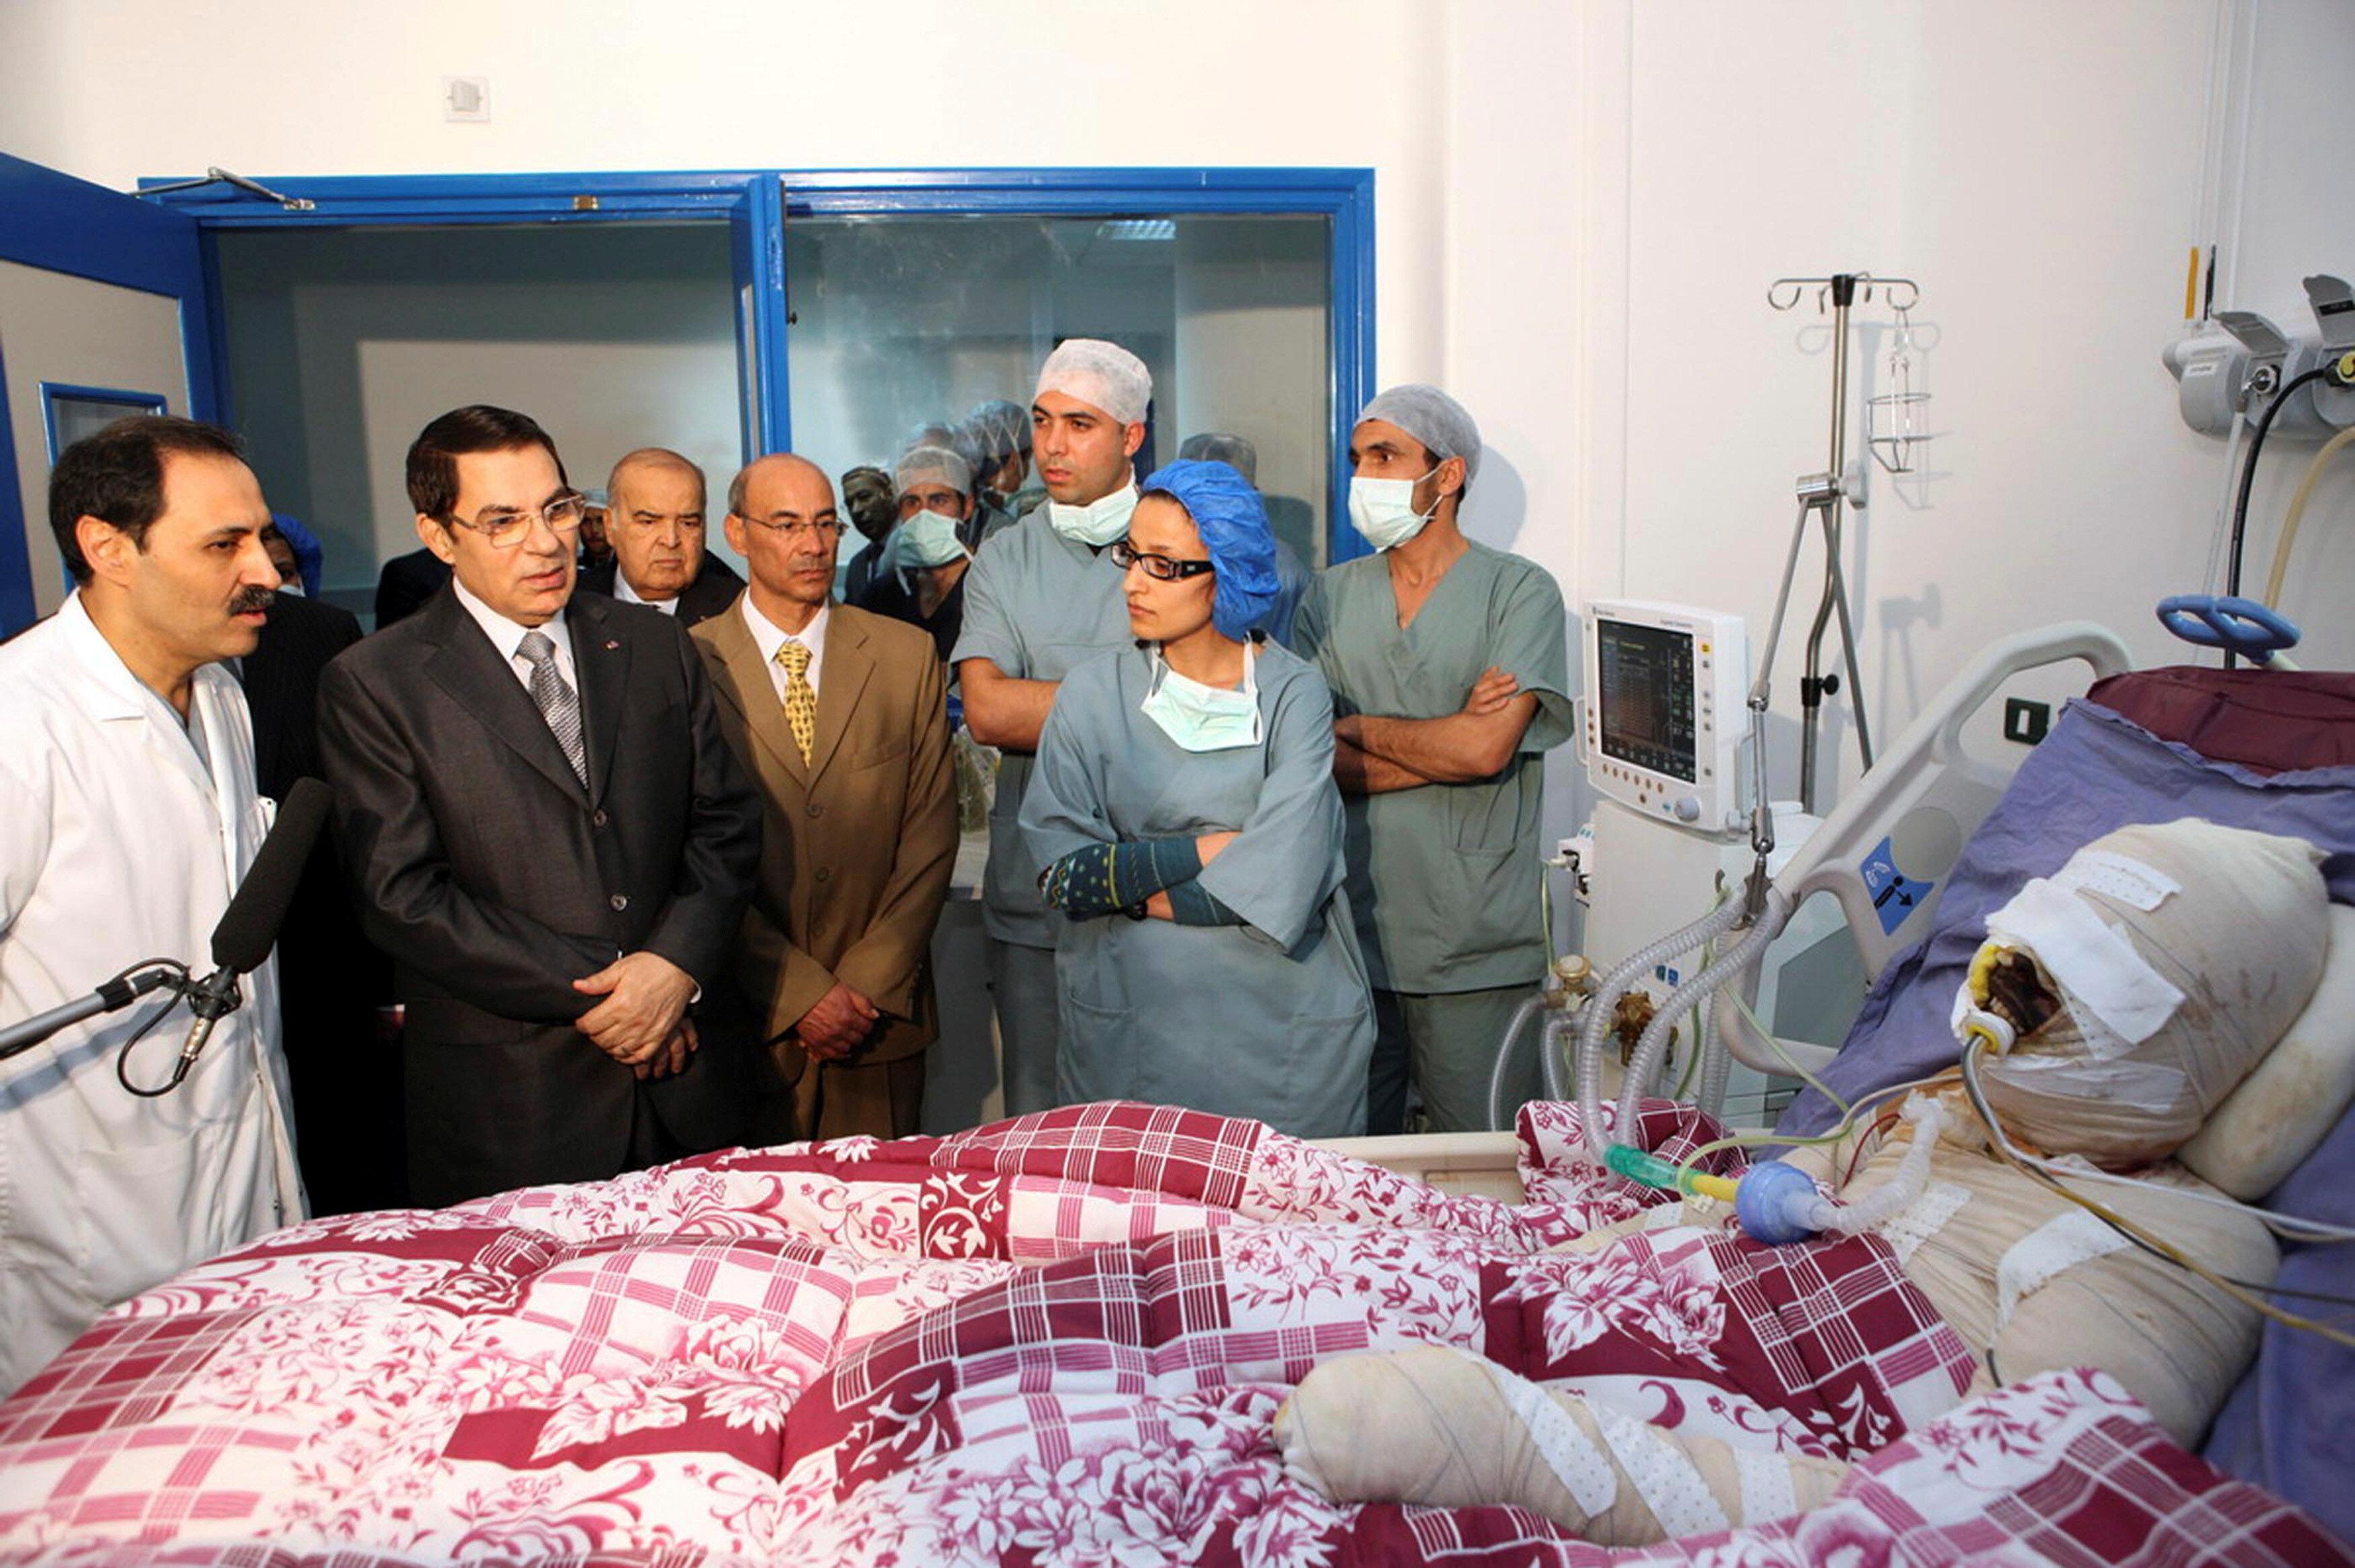 Tunus'un devrik lideri Zeynel Abidin Bin Ali Buazizi'yi hastanede ziyaret etmişti.